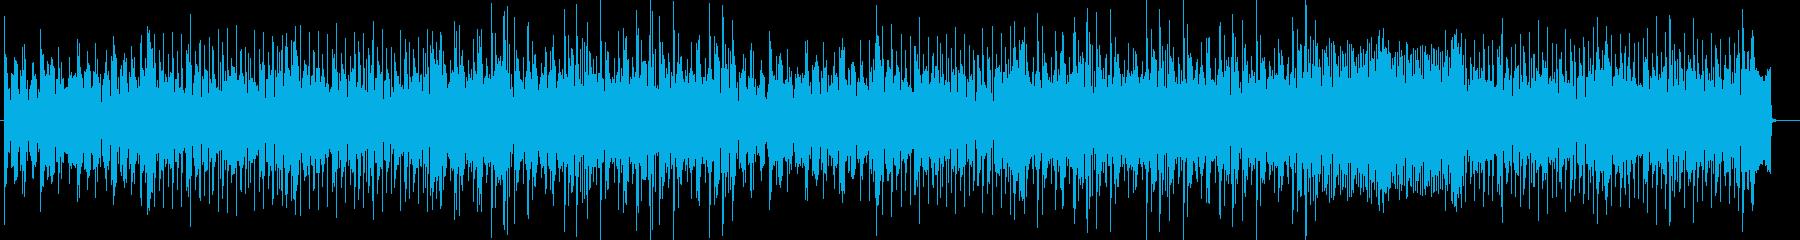 クラブ系シンセテクノポップの再生済みの波形